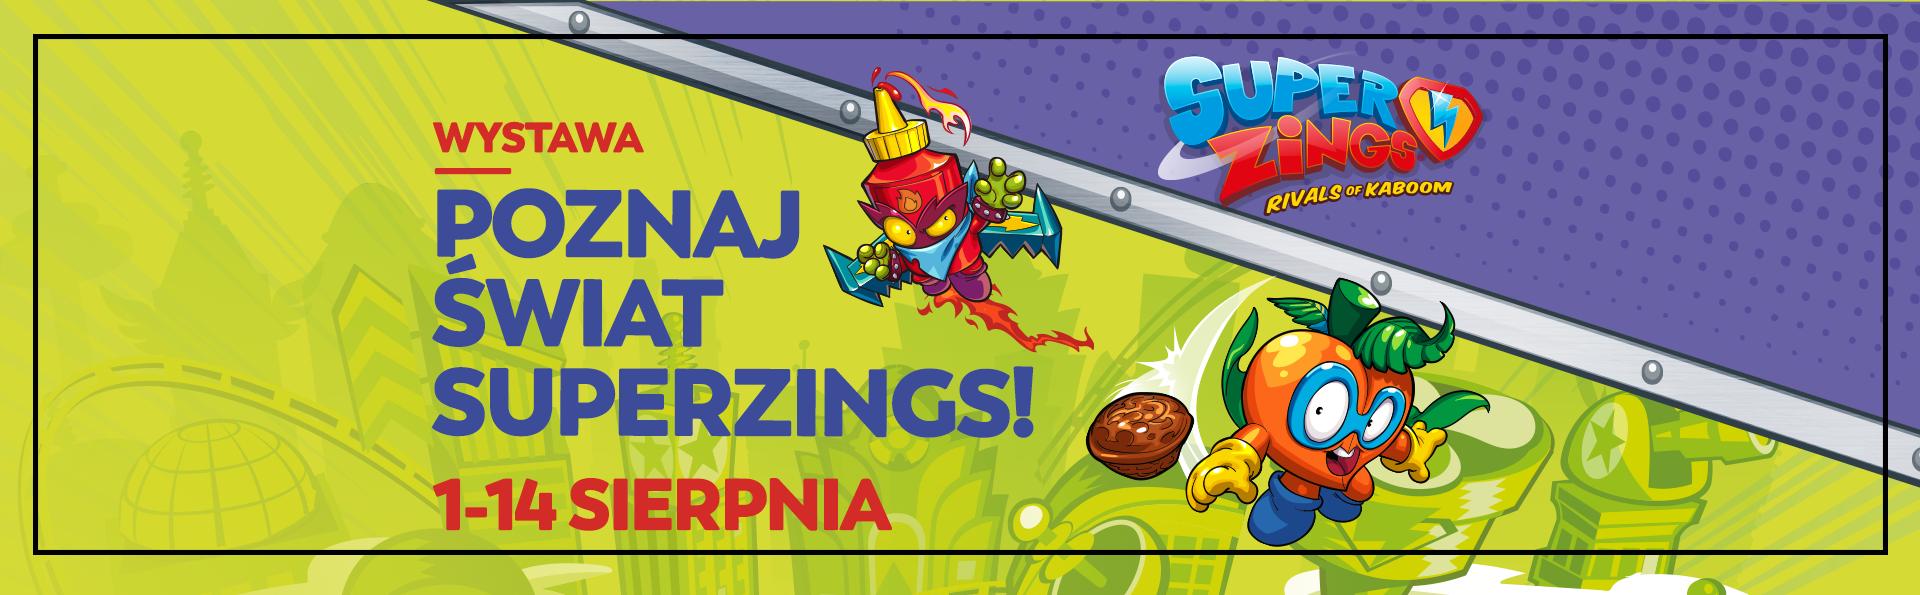 Poznaj świat SuperZings!